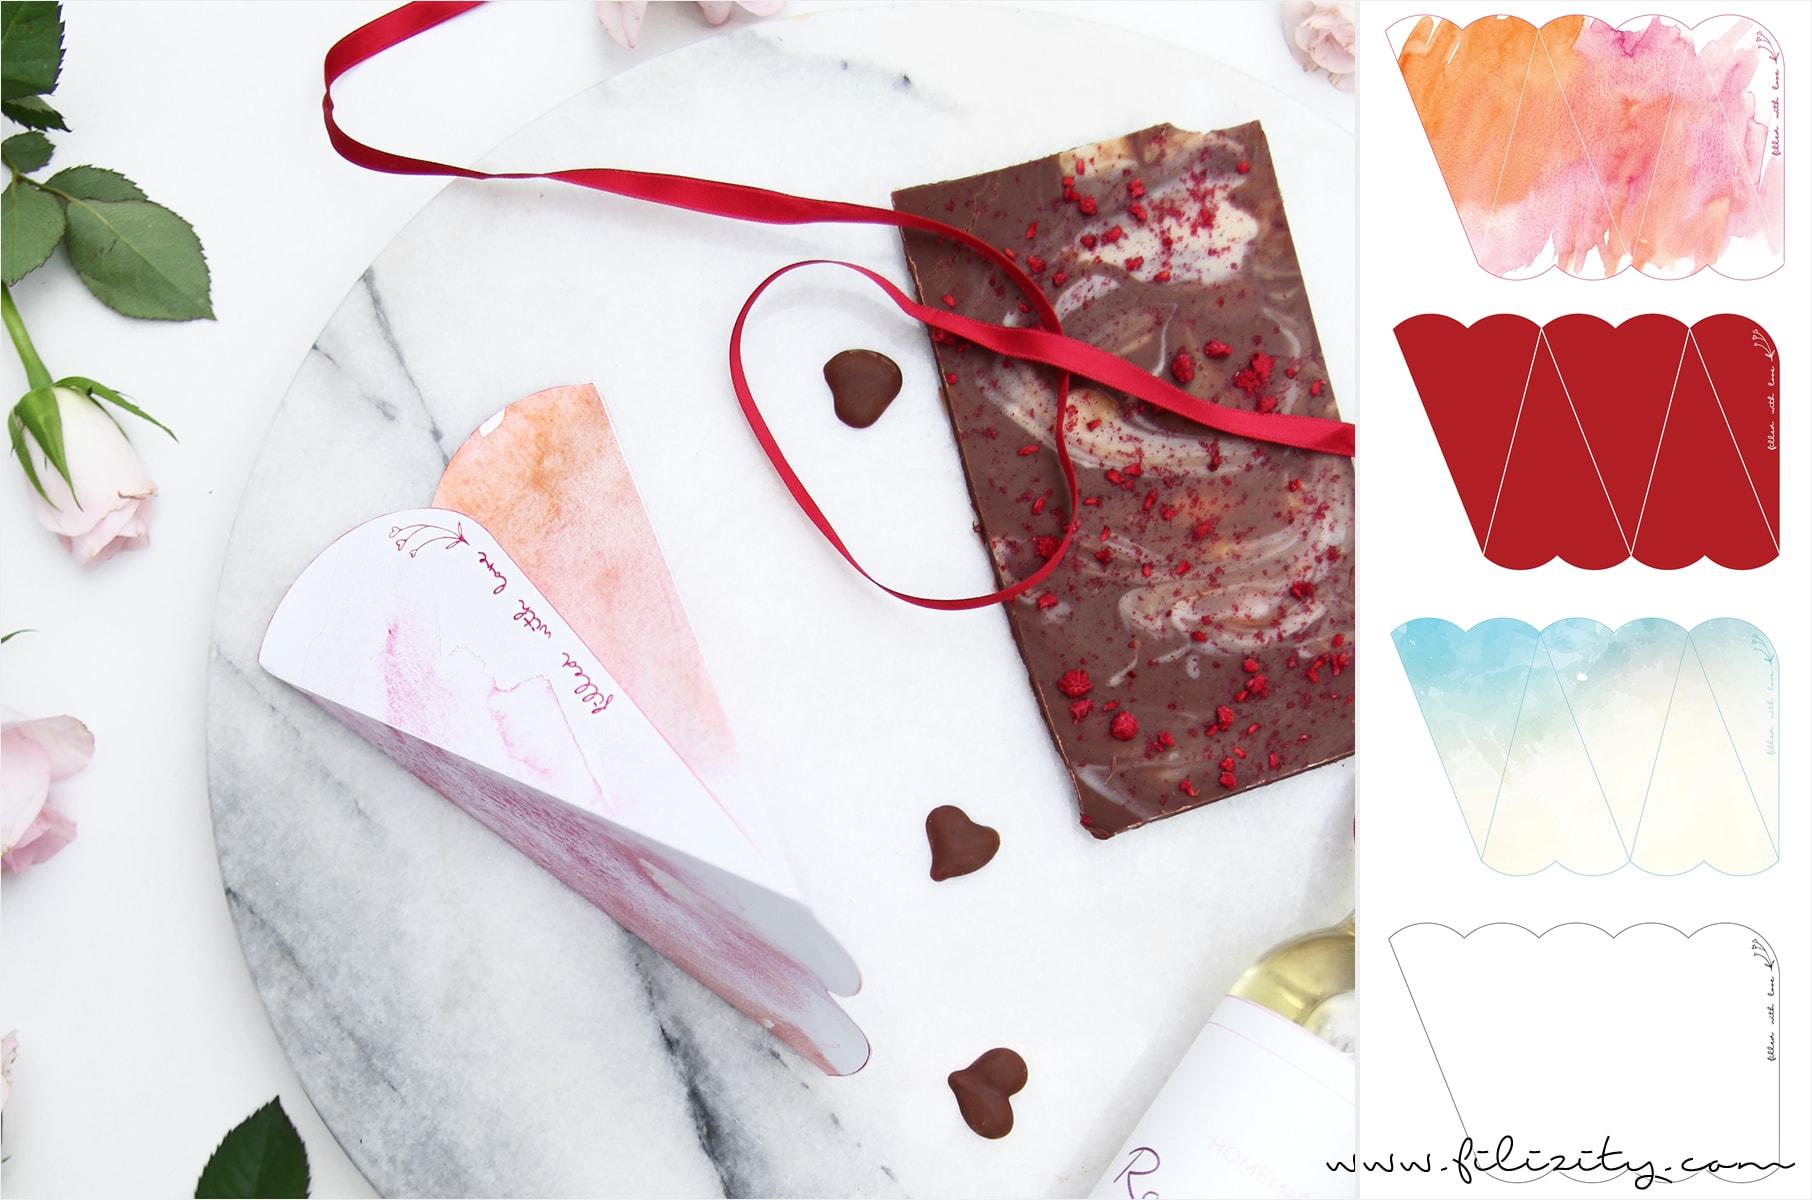 diy_geschenk-verpackung_herz-tuete_valentinstag_printable_druckvorlage10-min